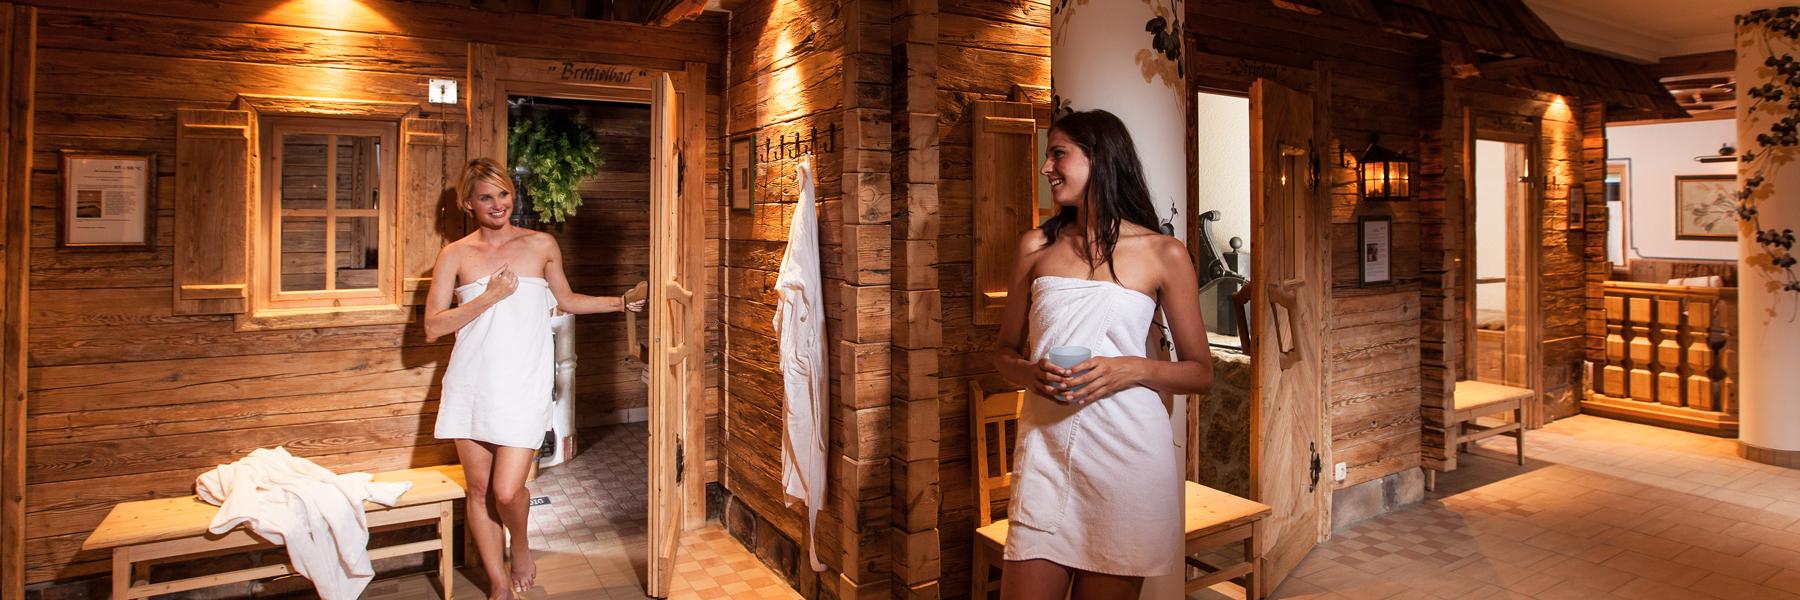 Sieben verschiedene Saunen im sauna.dorf Hotel Waidringer Hof